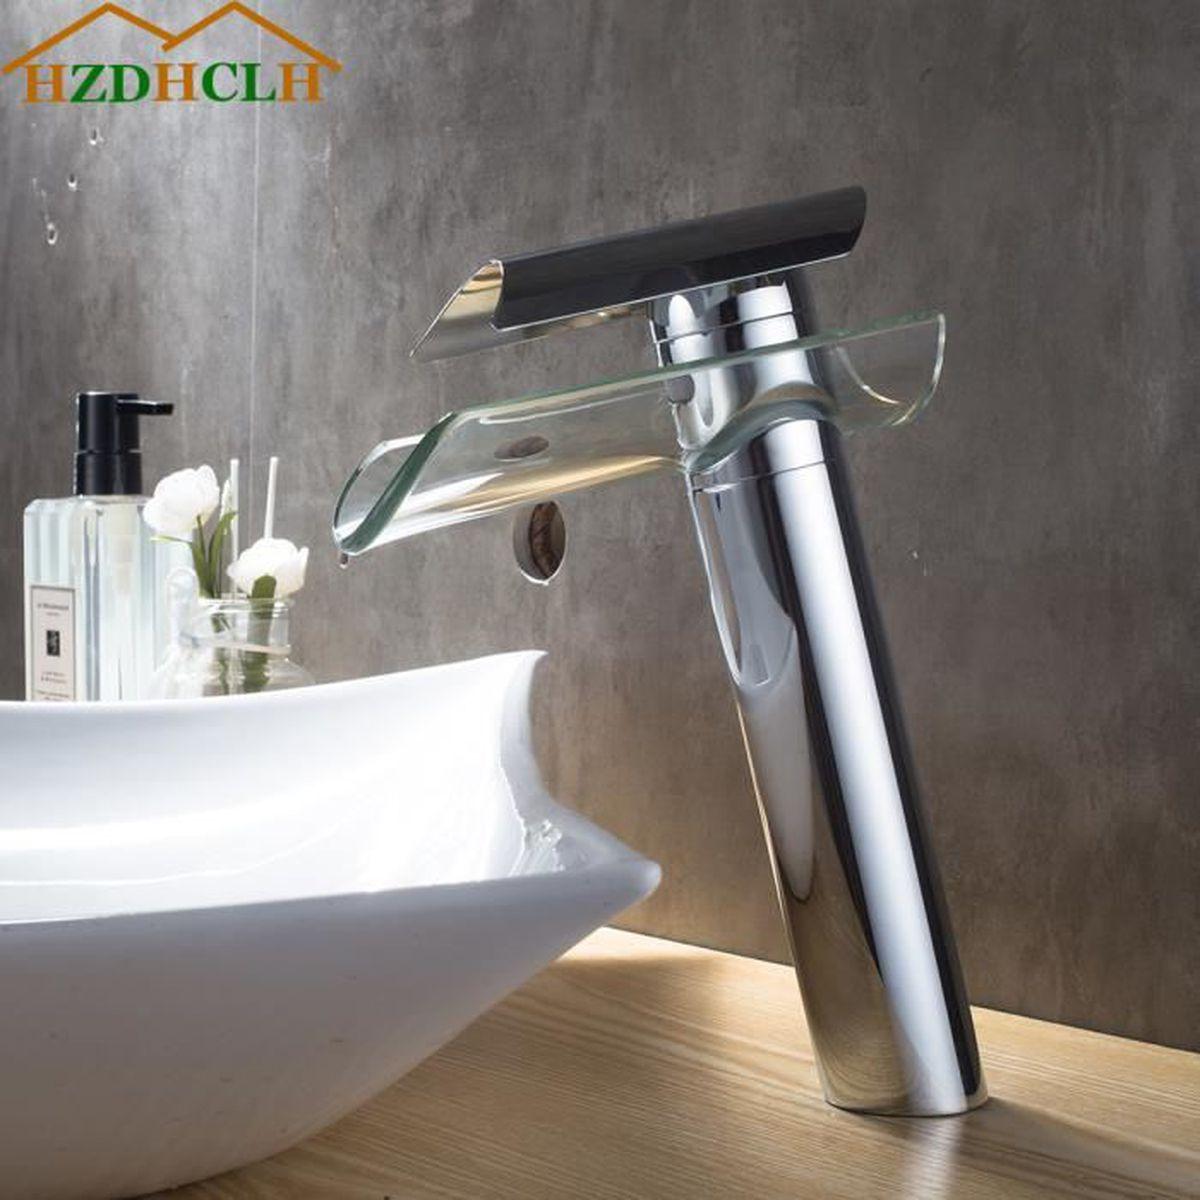 Robinet Tete avec bec Cascade Haute en Lation Chaud et Froid Mitigeur de Robinet de lavabo Chrom/é Monocommande Trou Simple Comptoir pour Salle de bain( 10 ans garanti)